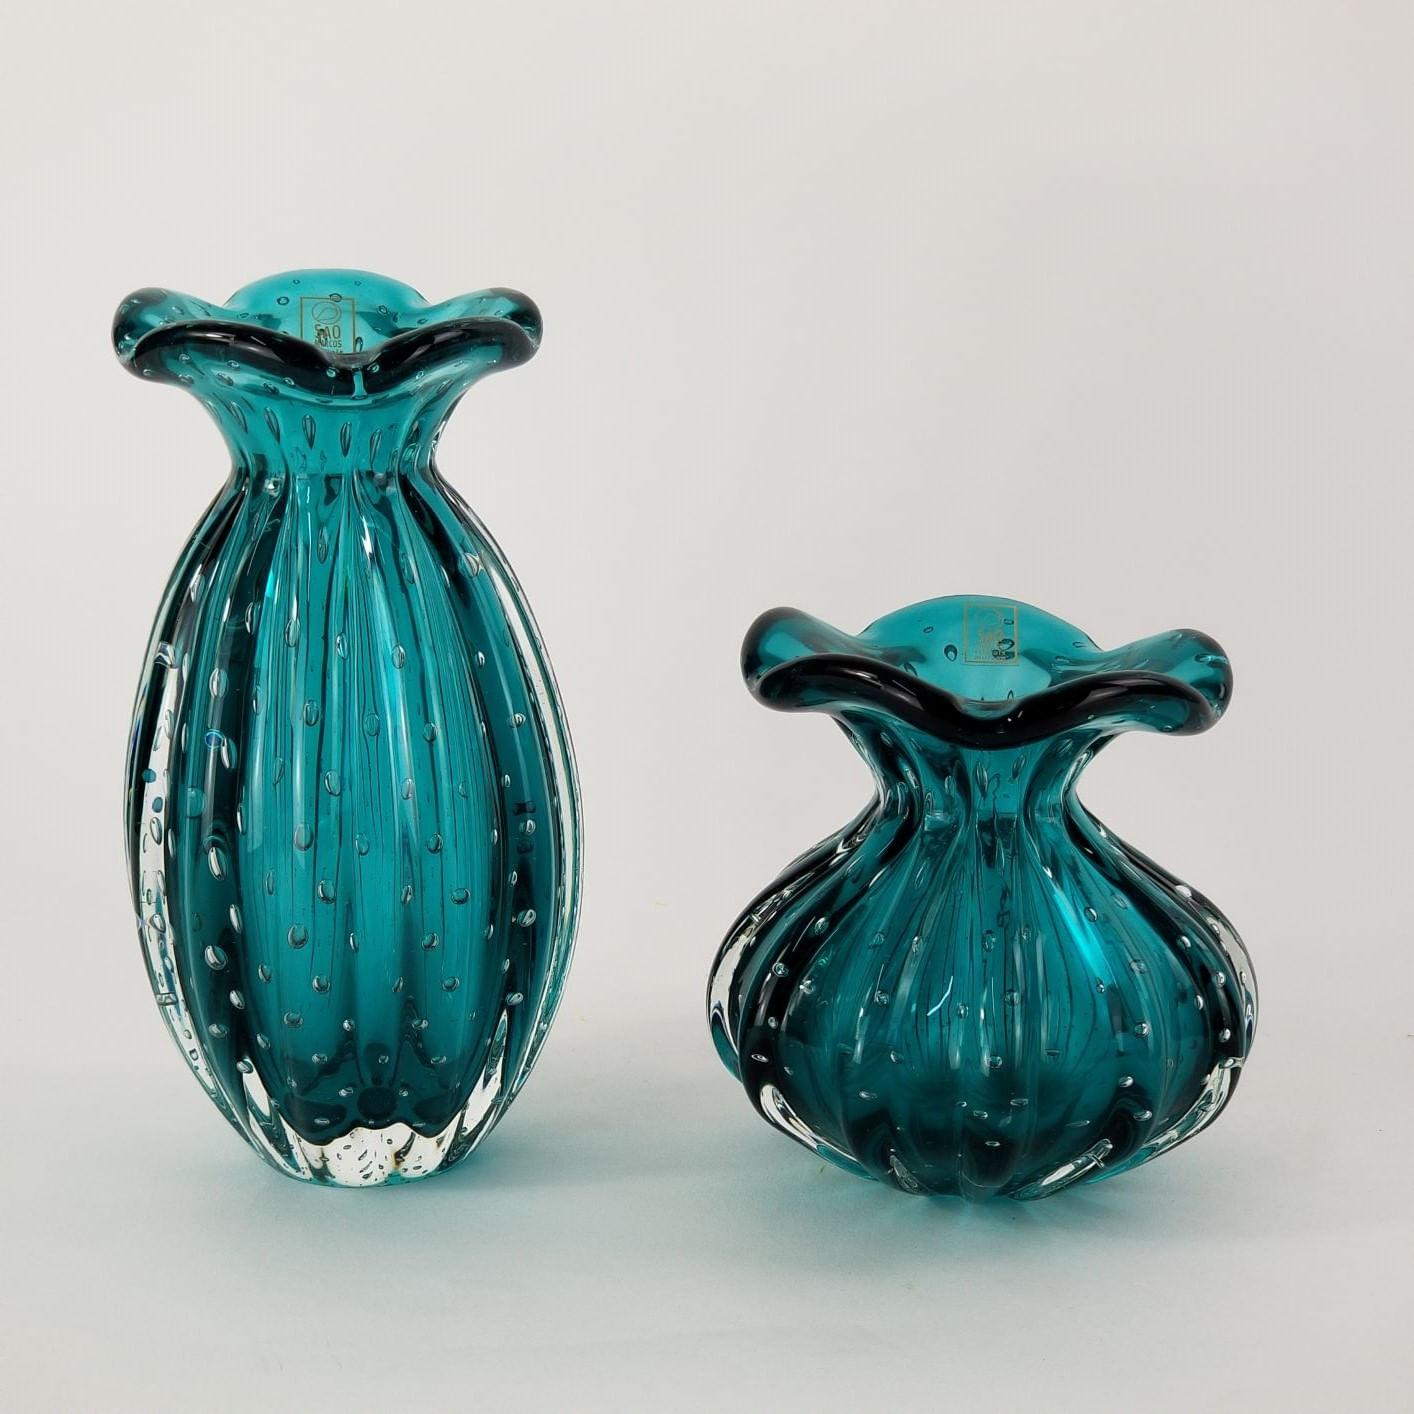 Kit Trouxinhas de Murano São Marcos - Esmeralda (2 Peças)